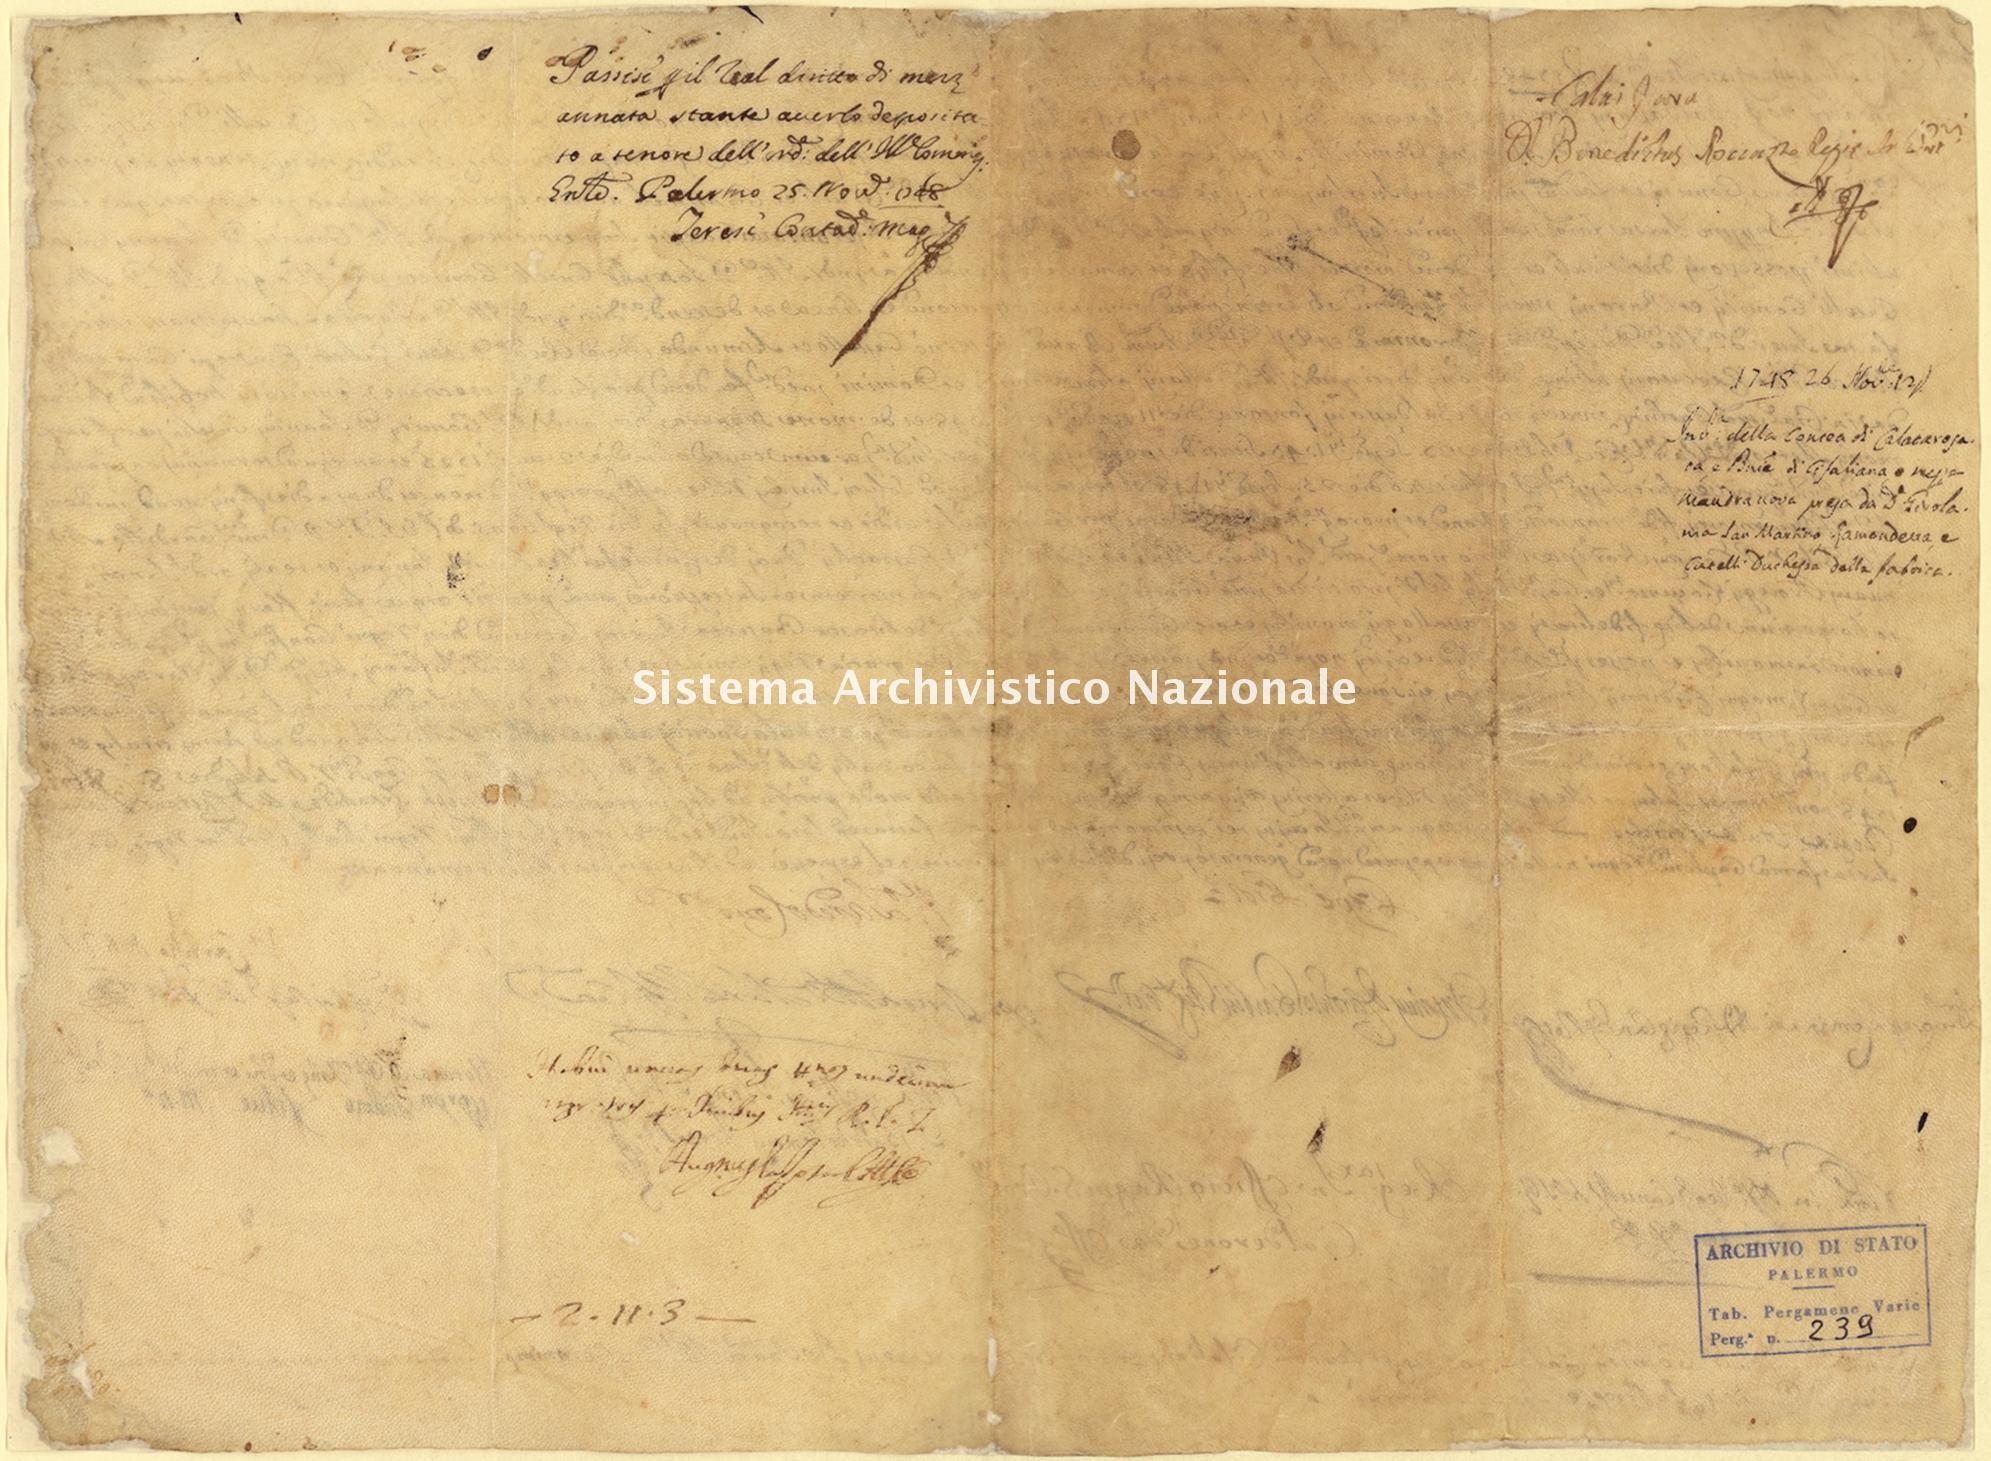 Archivio di Stato di Palermo, Diplomatico, Pergamene Landolina (già Pergamene varie 211-242), Pergamena PL 29 (PVa 239)